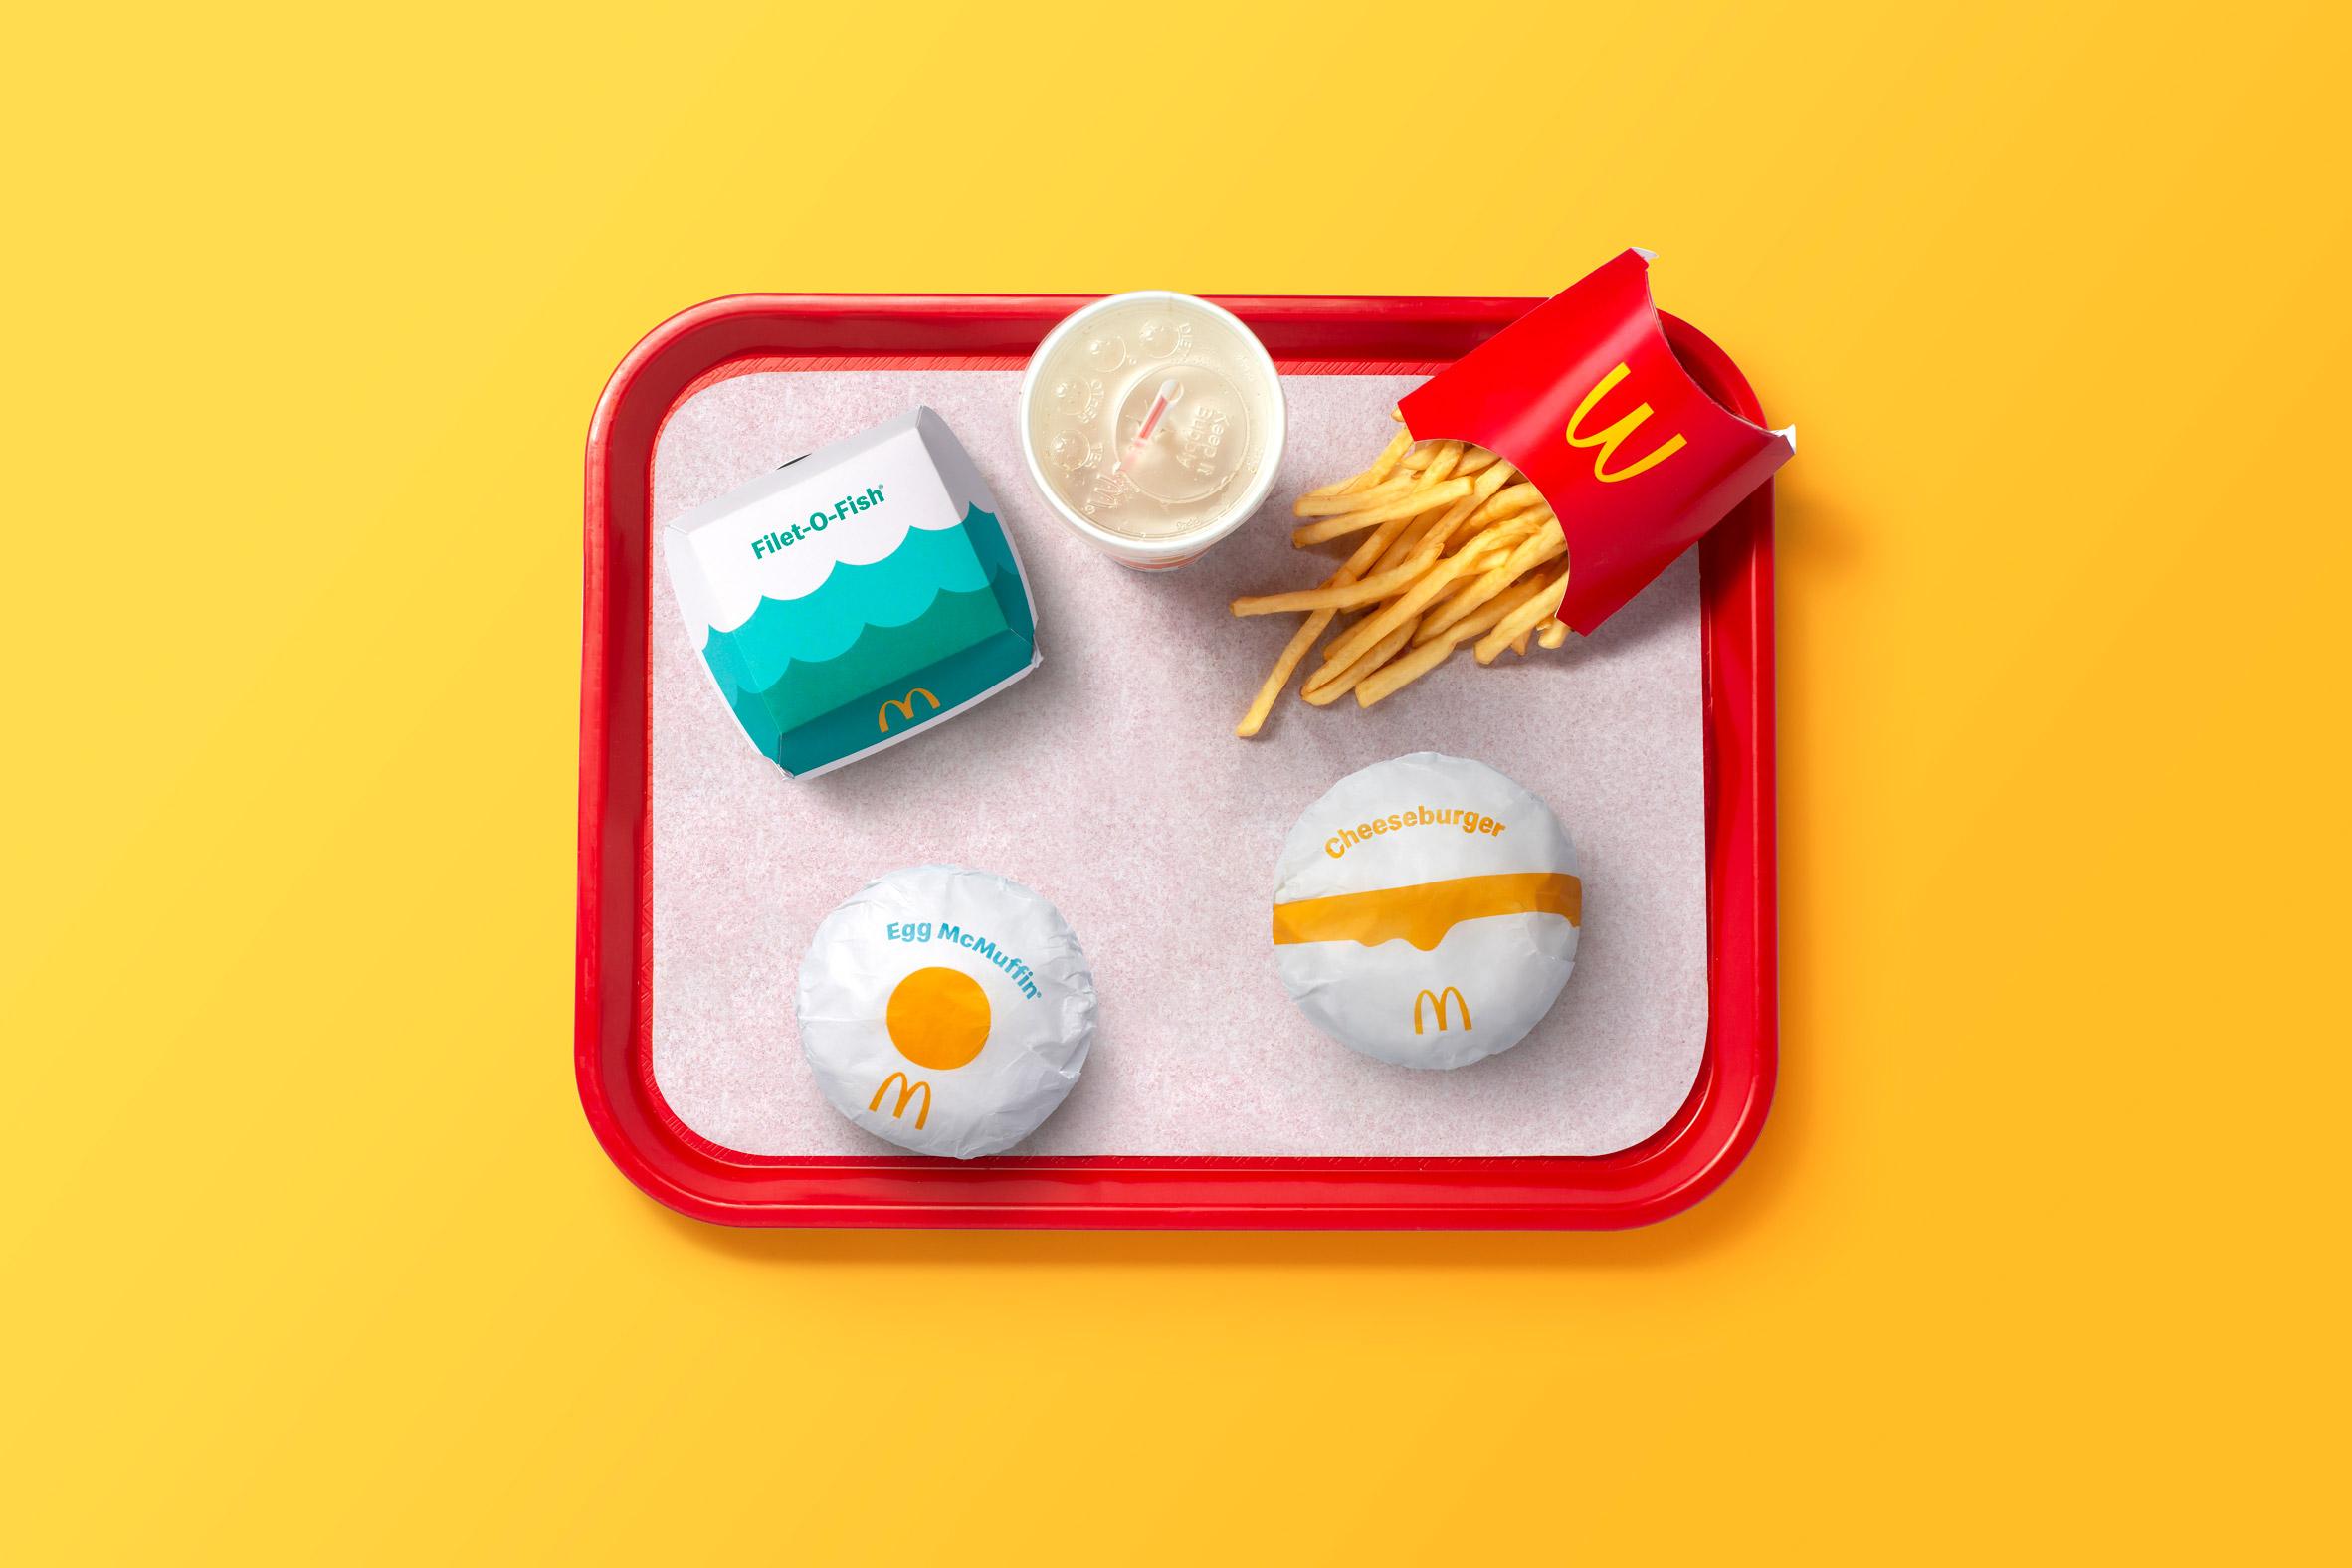 Novas embalagens do McDonald 's baseiam-se nos próprios lanches!